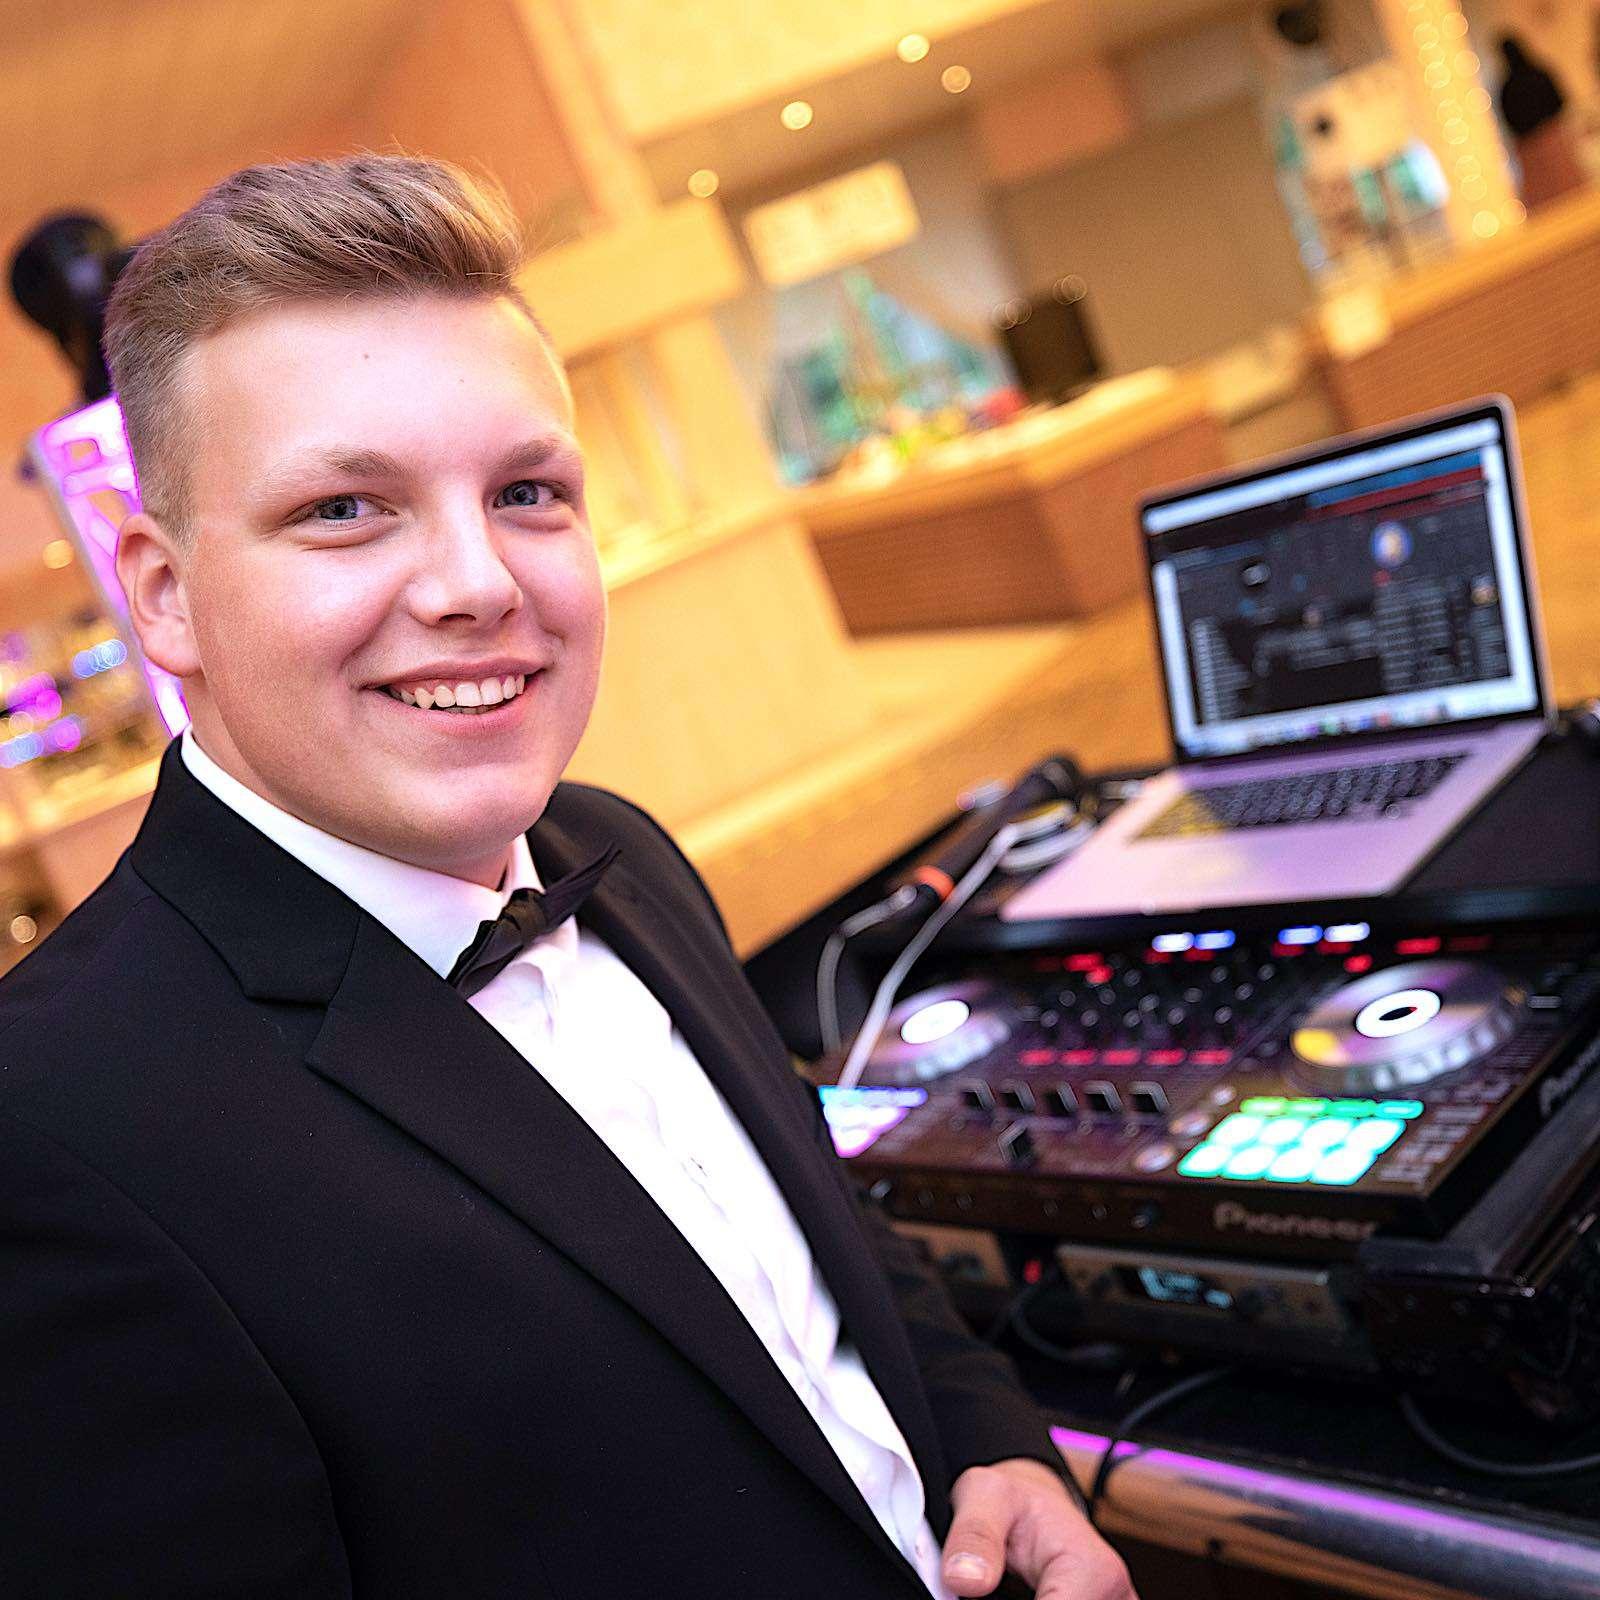 DJ | Hochzeit | Hannover | DJ | Hochzeit | Pascal | Seeger | DJ | Messe | DJ | Firmenfeier | DJ | Firmenevent | DJ | Geburtstag | DJ | Service | DJ | Agentur | DJ | Peine | Buchen | Anfragen | Lehmann | Eventservice